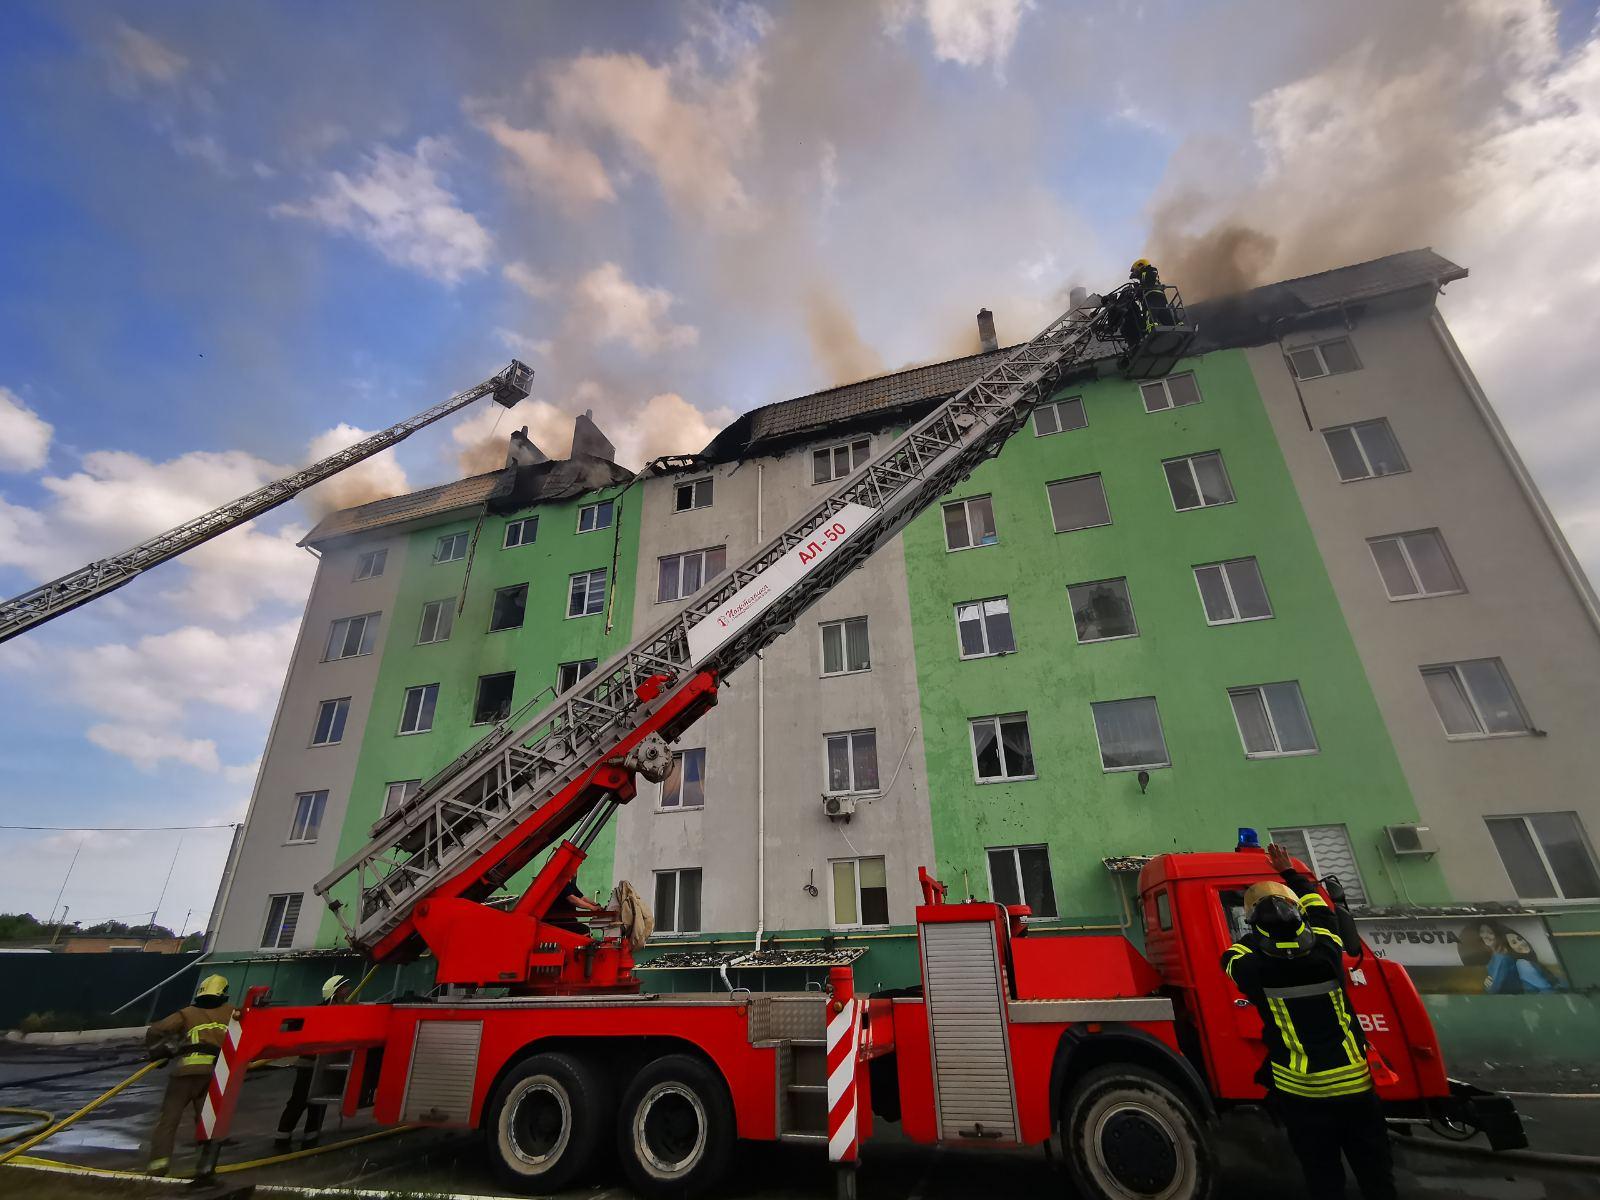 Під Києвом стався вибух у багатоповерхівці. Вигоріли 7 квартир